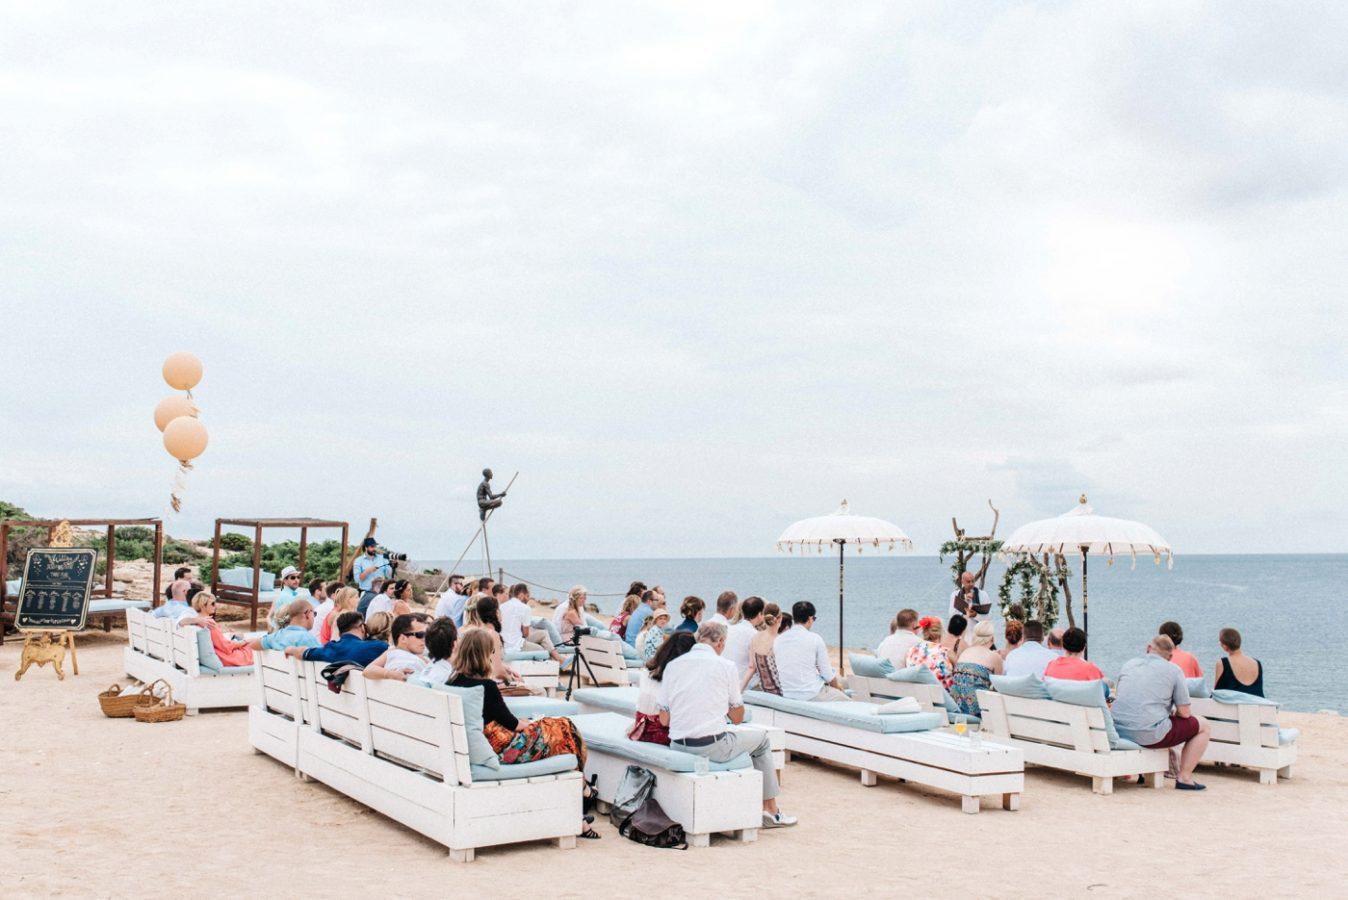 Fotos HochzeitsreportagenFotoshochzeit hochzeitsfotograf international cologne ibiza mallorca 0863